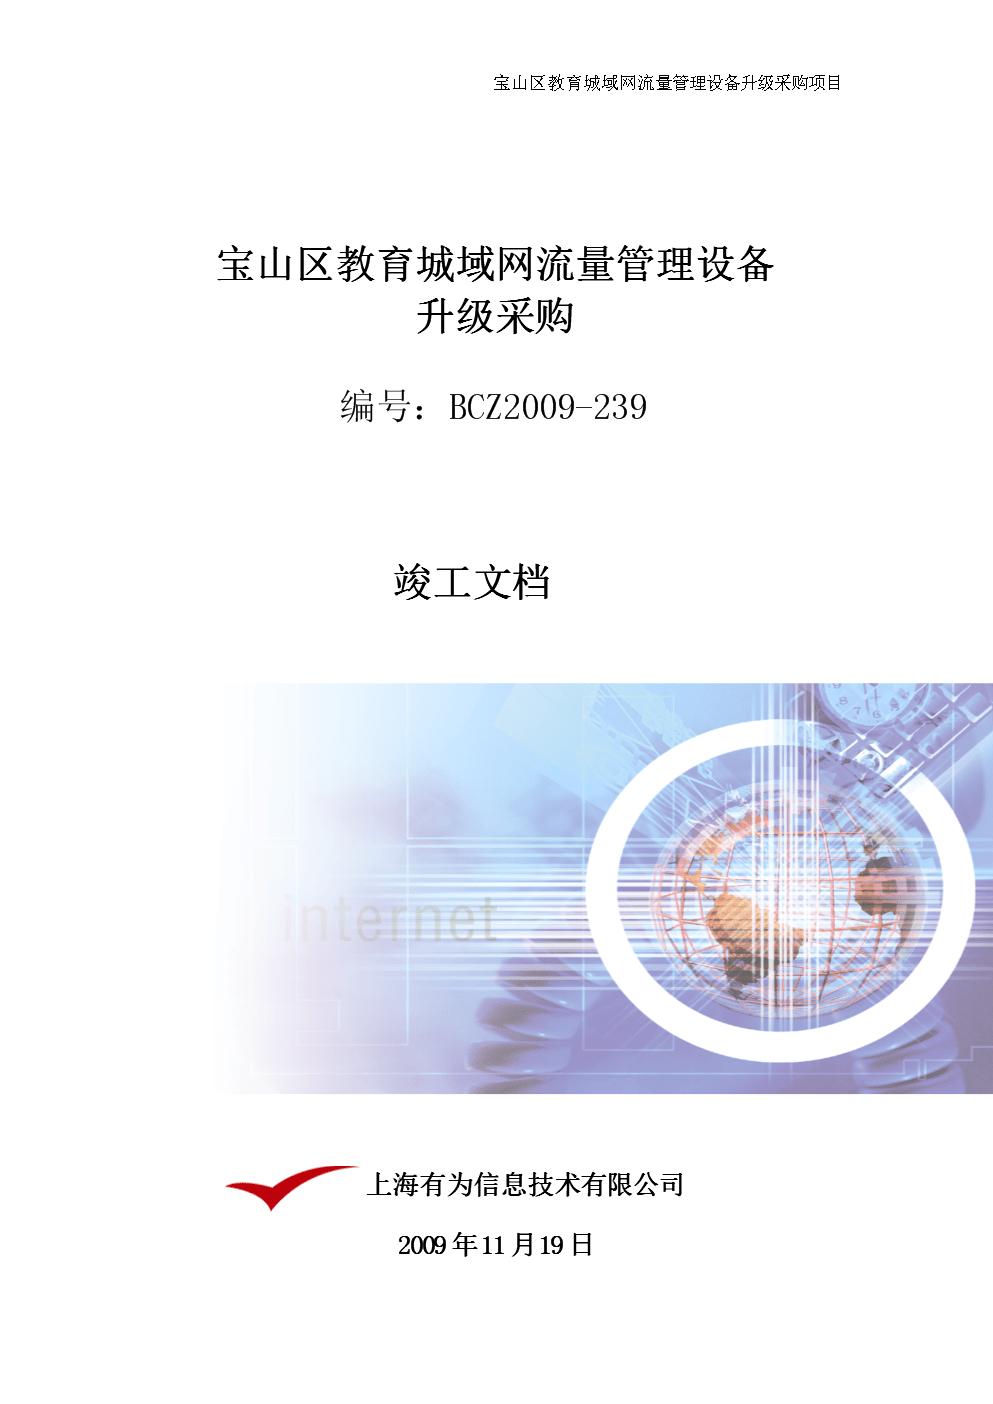 宝山区教育城域网流量管理设备升级采购项目竣工文档.doc